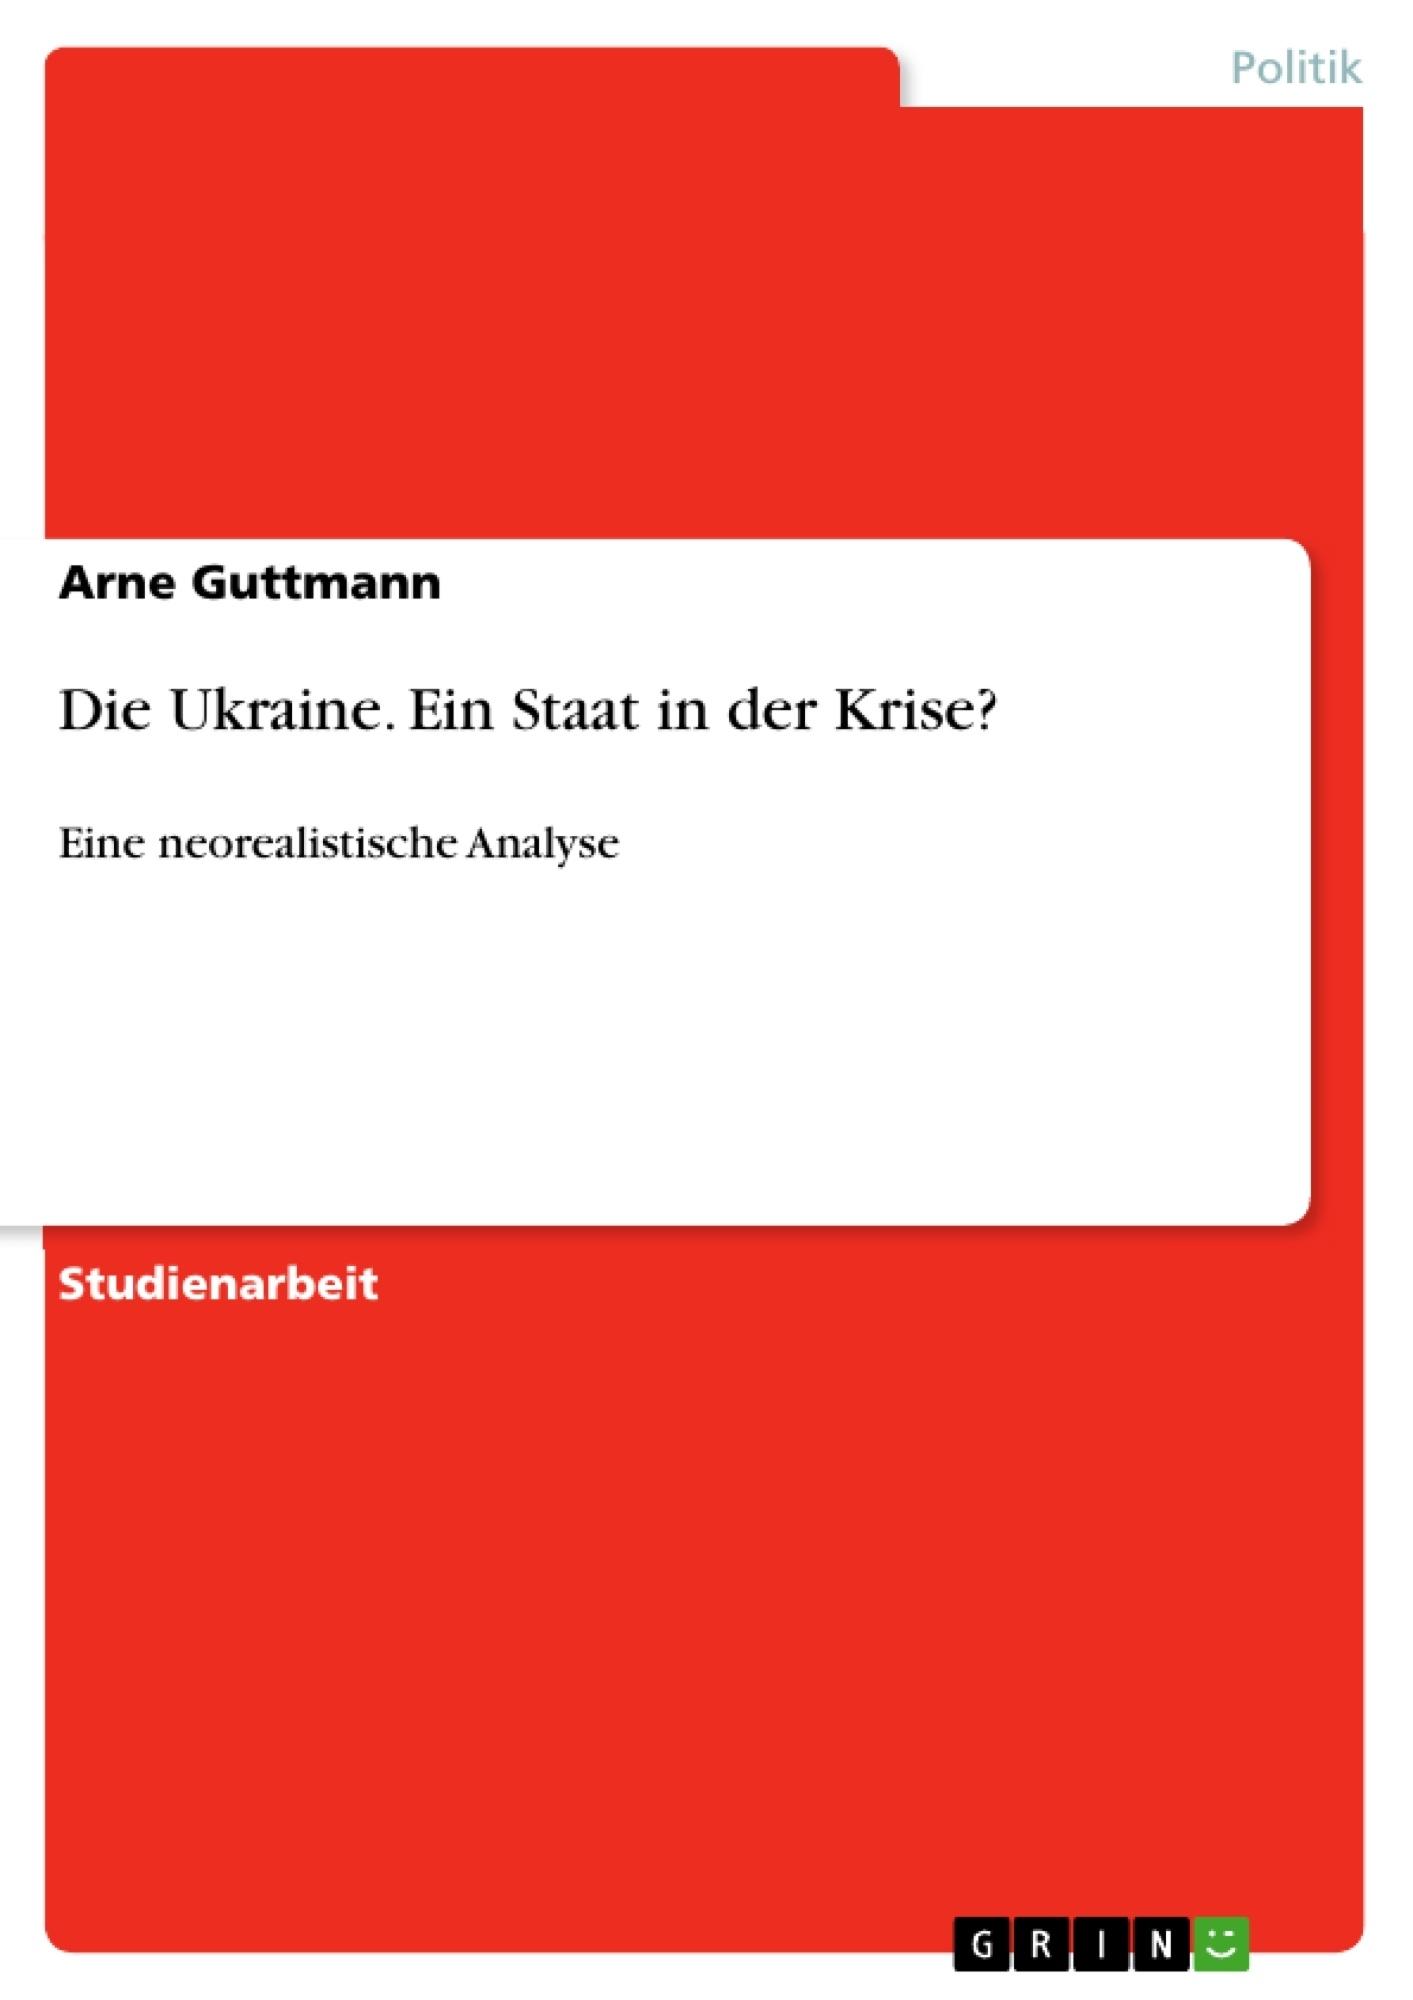 Titel: Die Ukraine. Ein Staat in der Krise?